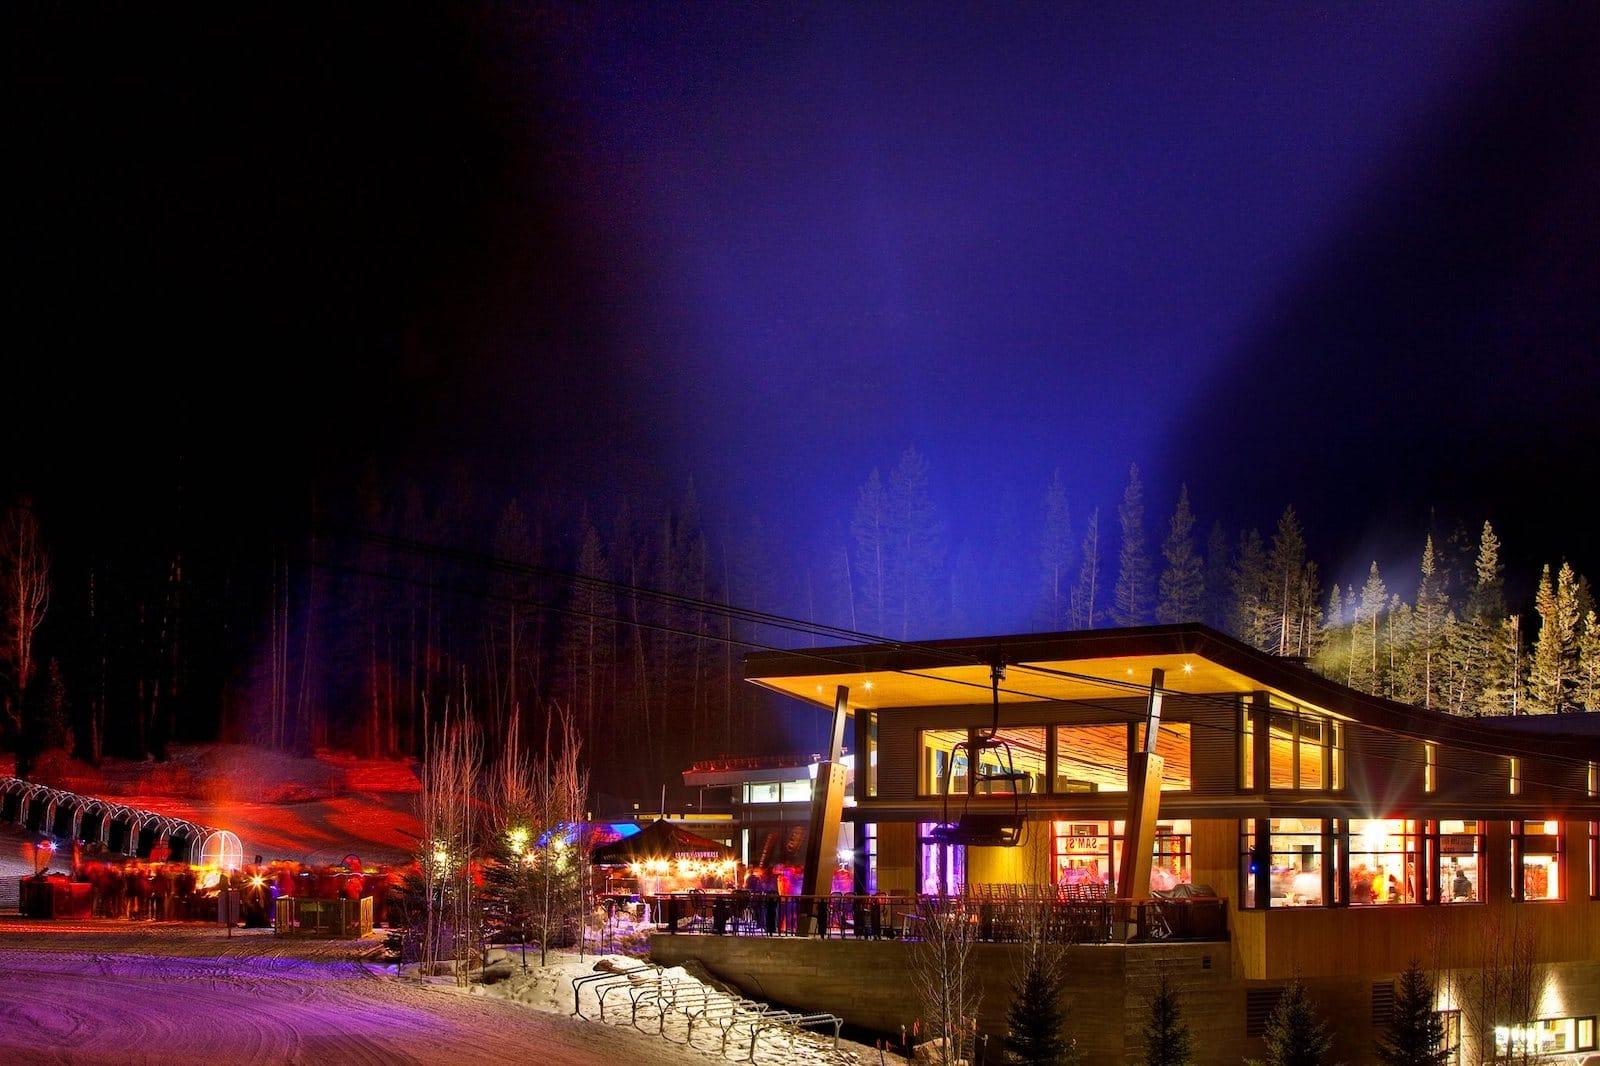 Gambar Aspen Snowmass di Colorado pada malam hari